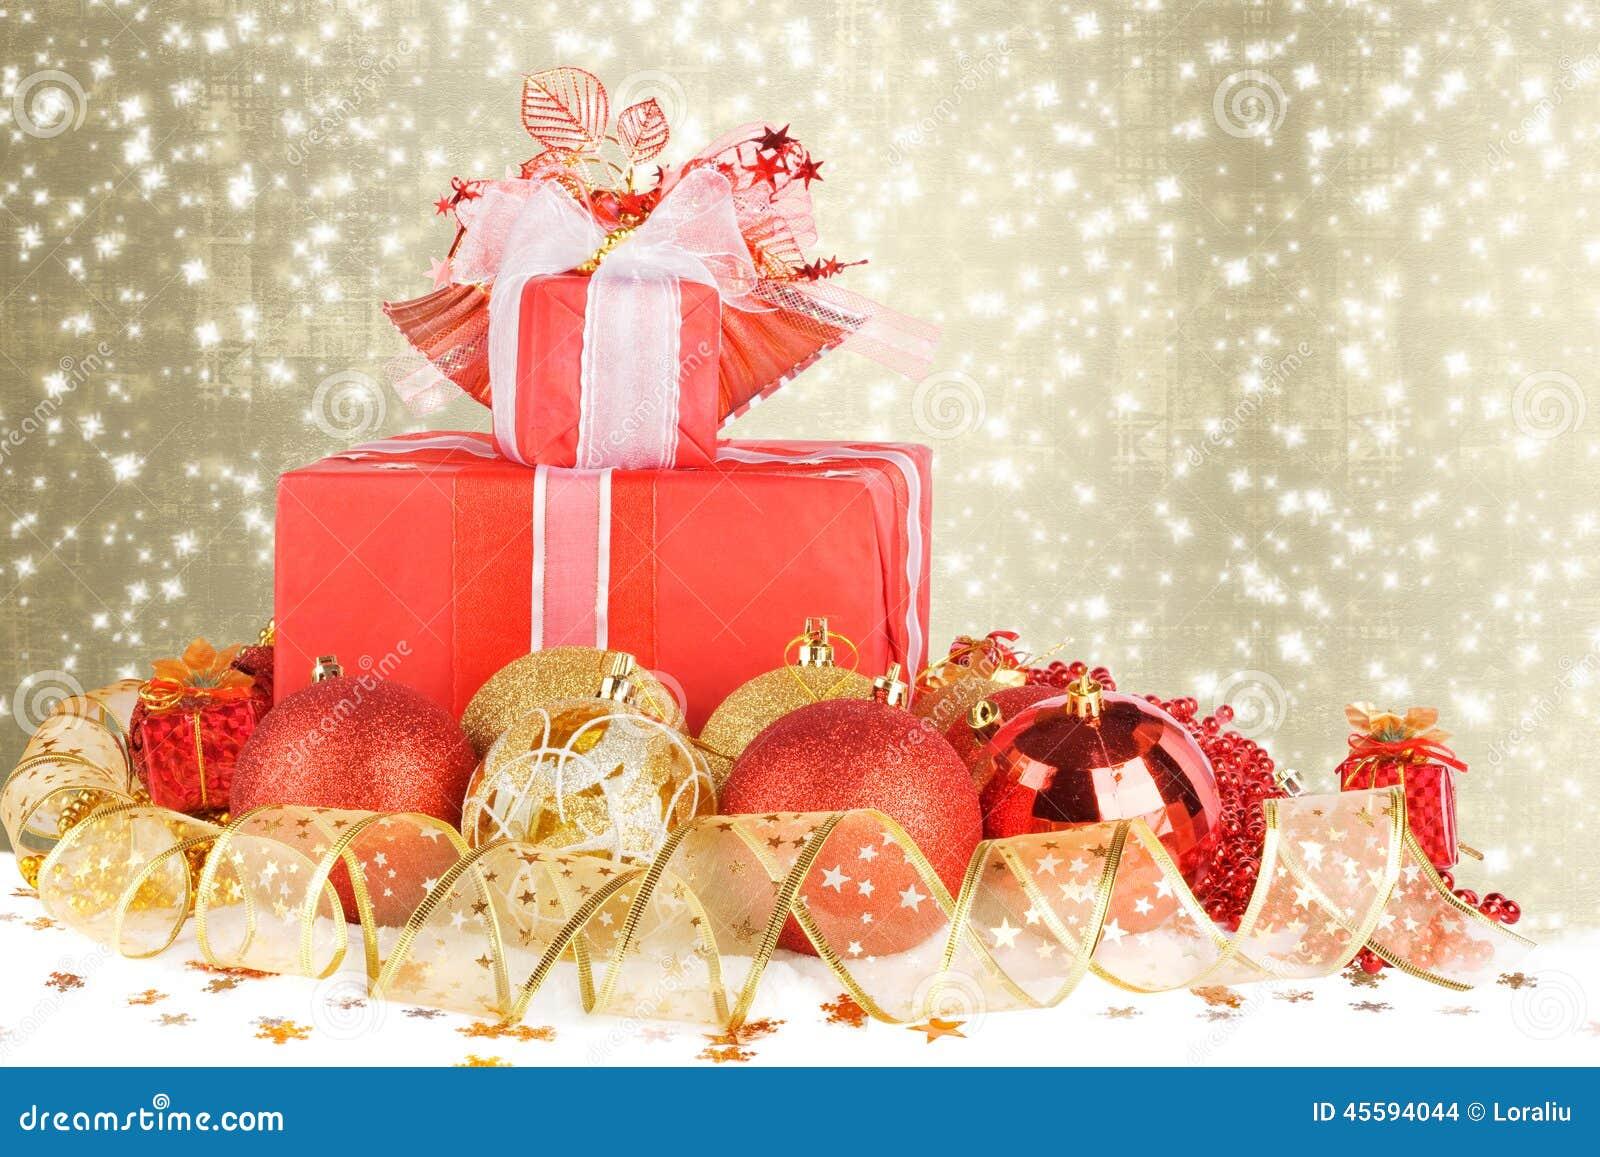 圣诞节礼物和球与金丝带 库存照片 图片 包括有 装饰 圣诞节 祝贺 庆祝 节假日 棚车 丝带 45594044